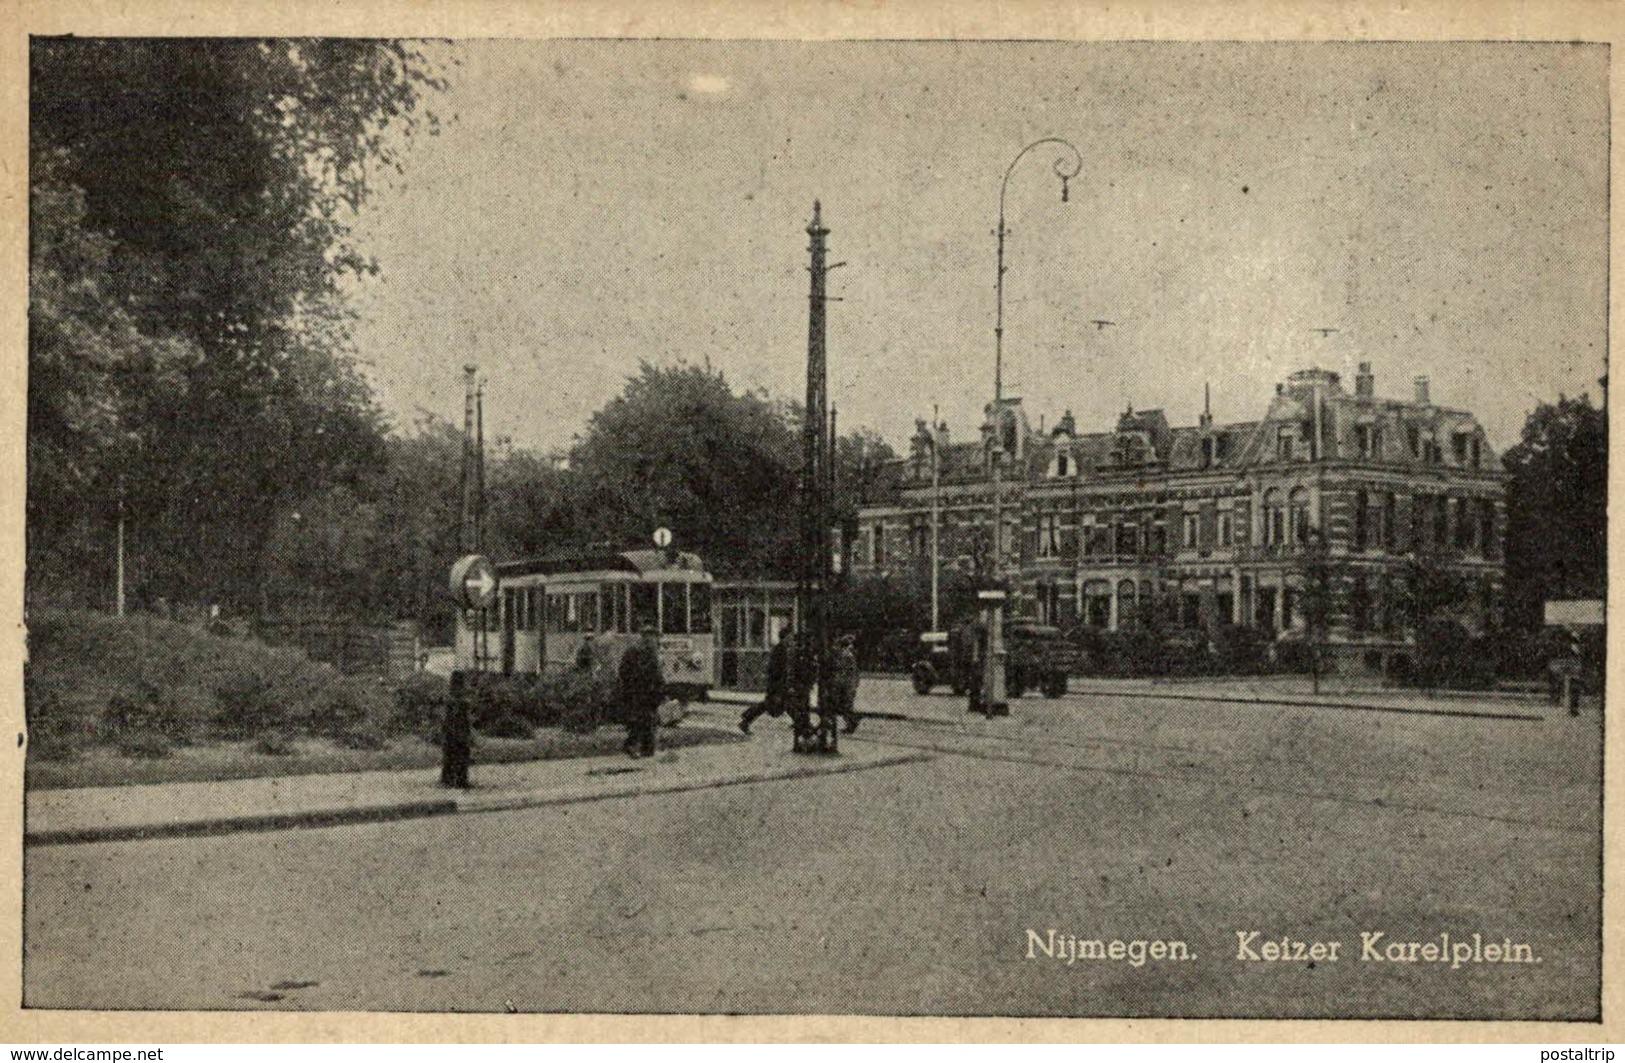 TRAM   NIJMEGEN KEIZER KARELPLEIN - Nijmegen